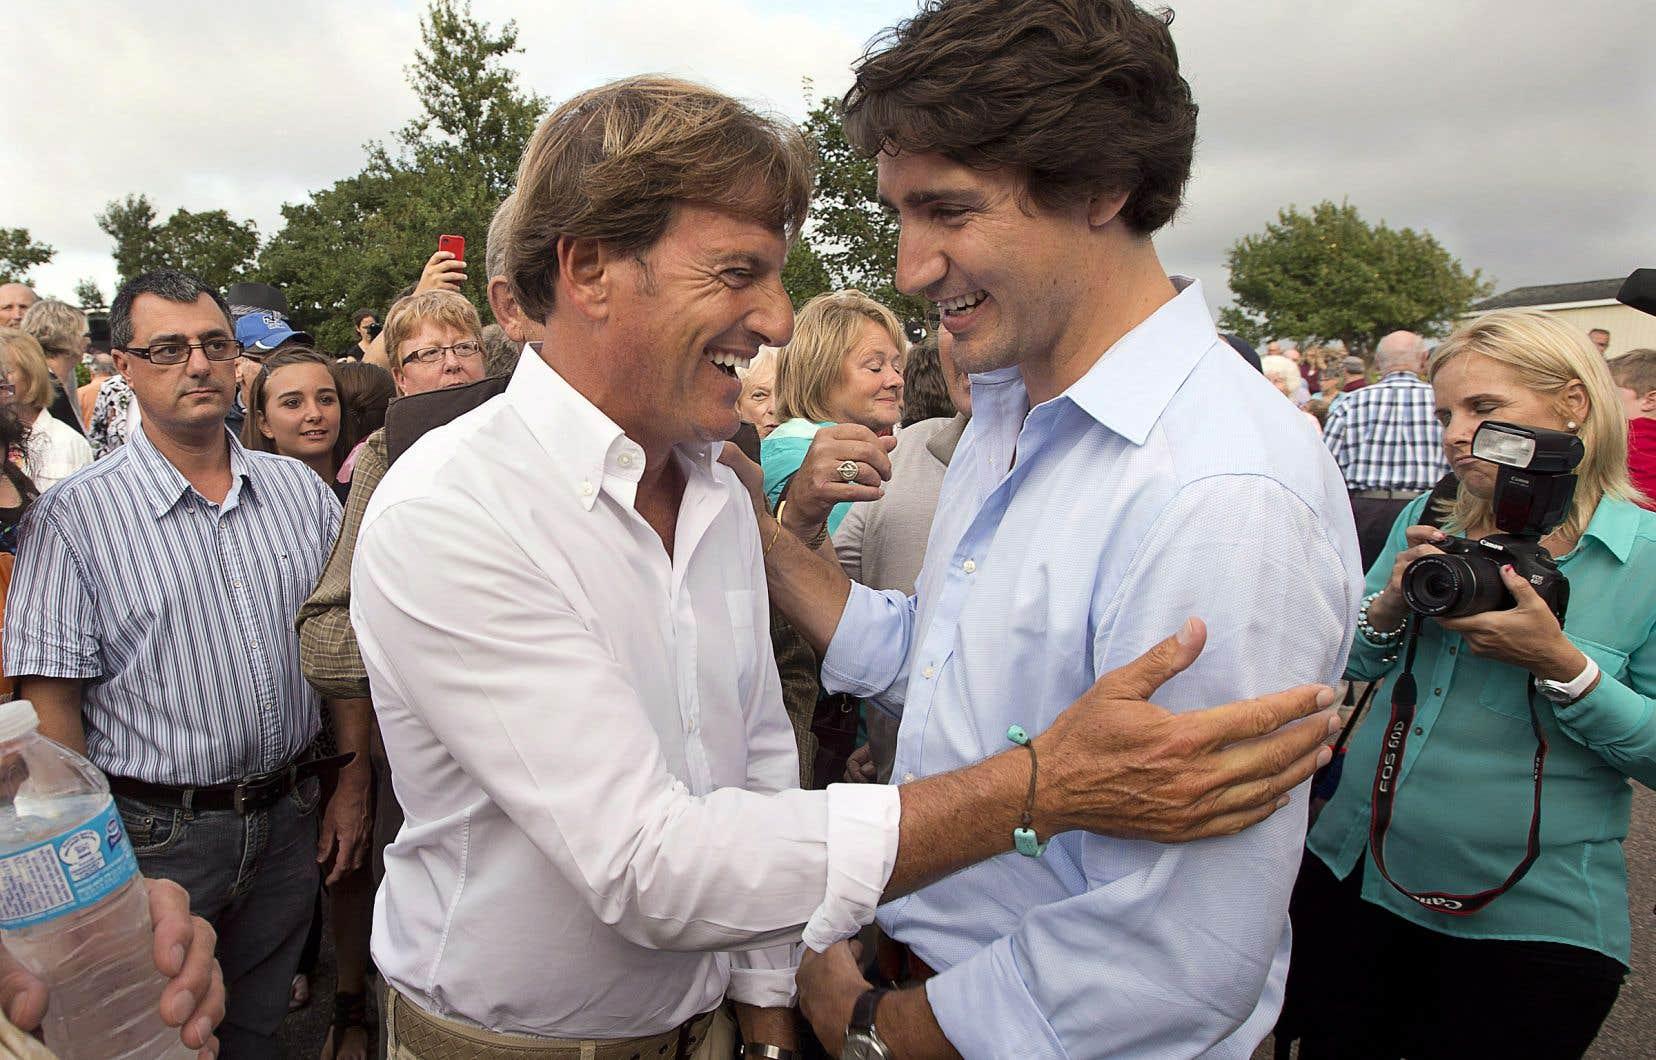 Le premier ministre Justin Trudeau discute avec Stephen Bronfman à l'occasion d'une fête organisée par ce dernier à St. Peters Bay à l'Île-du-Prince-Édouard en août 2013.